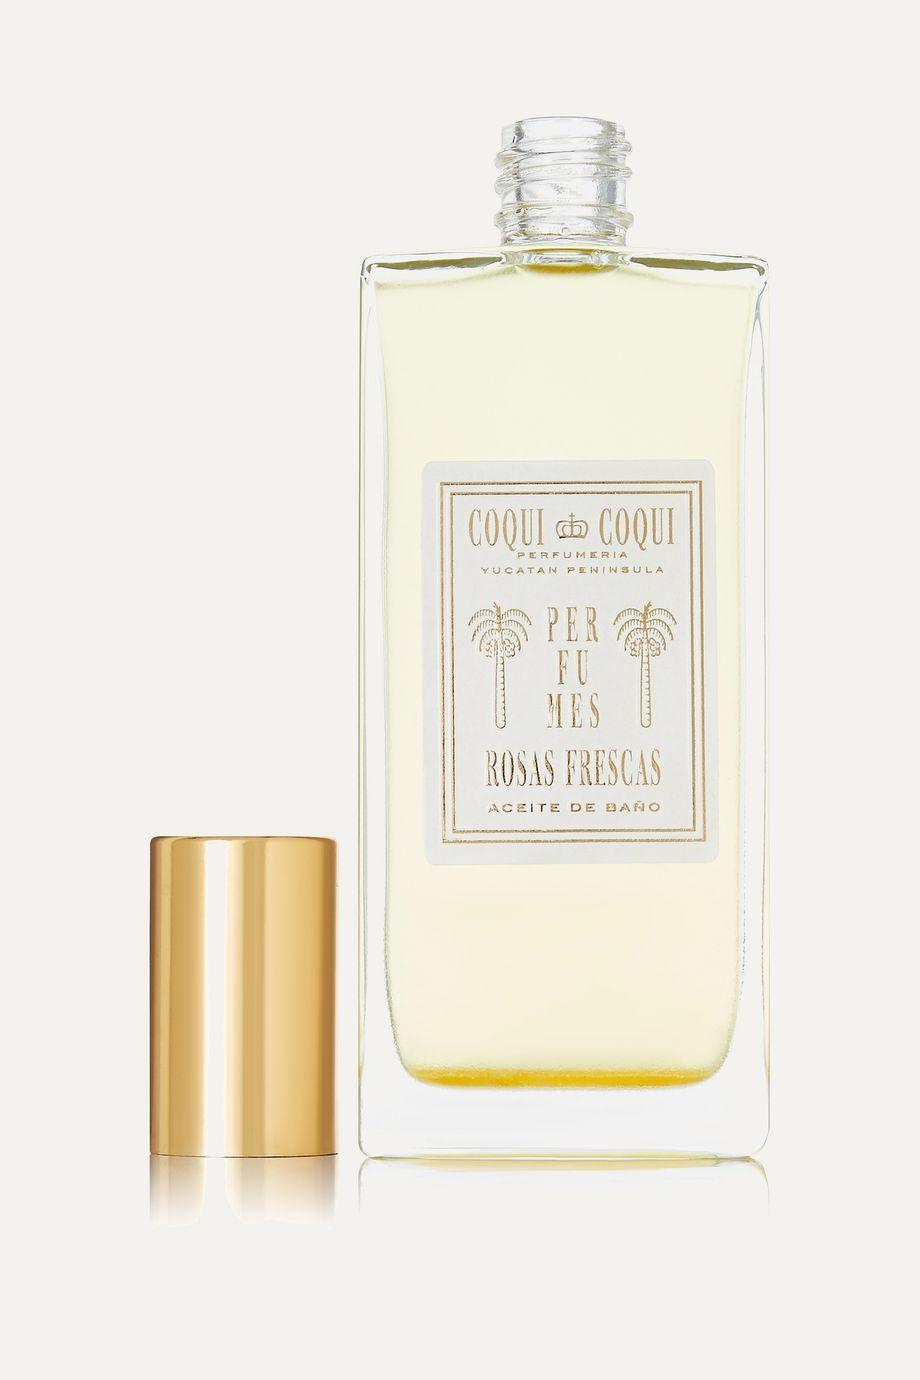 Coqui Coqui Eau de Parfum - Rosas Frescas, 100ml